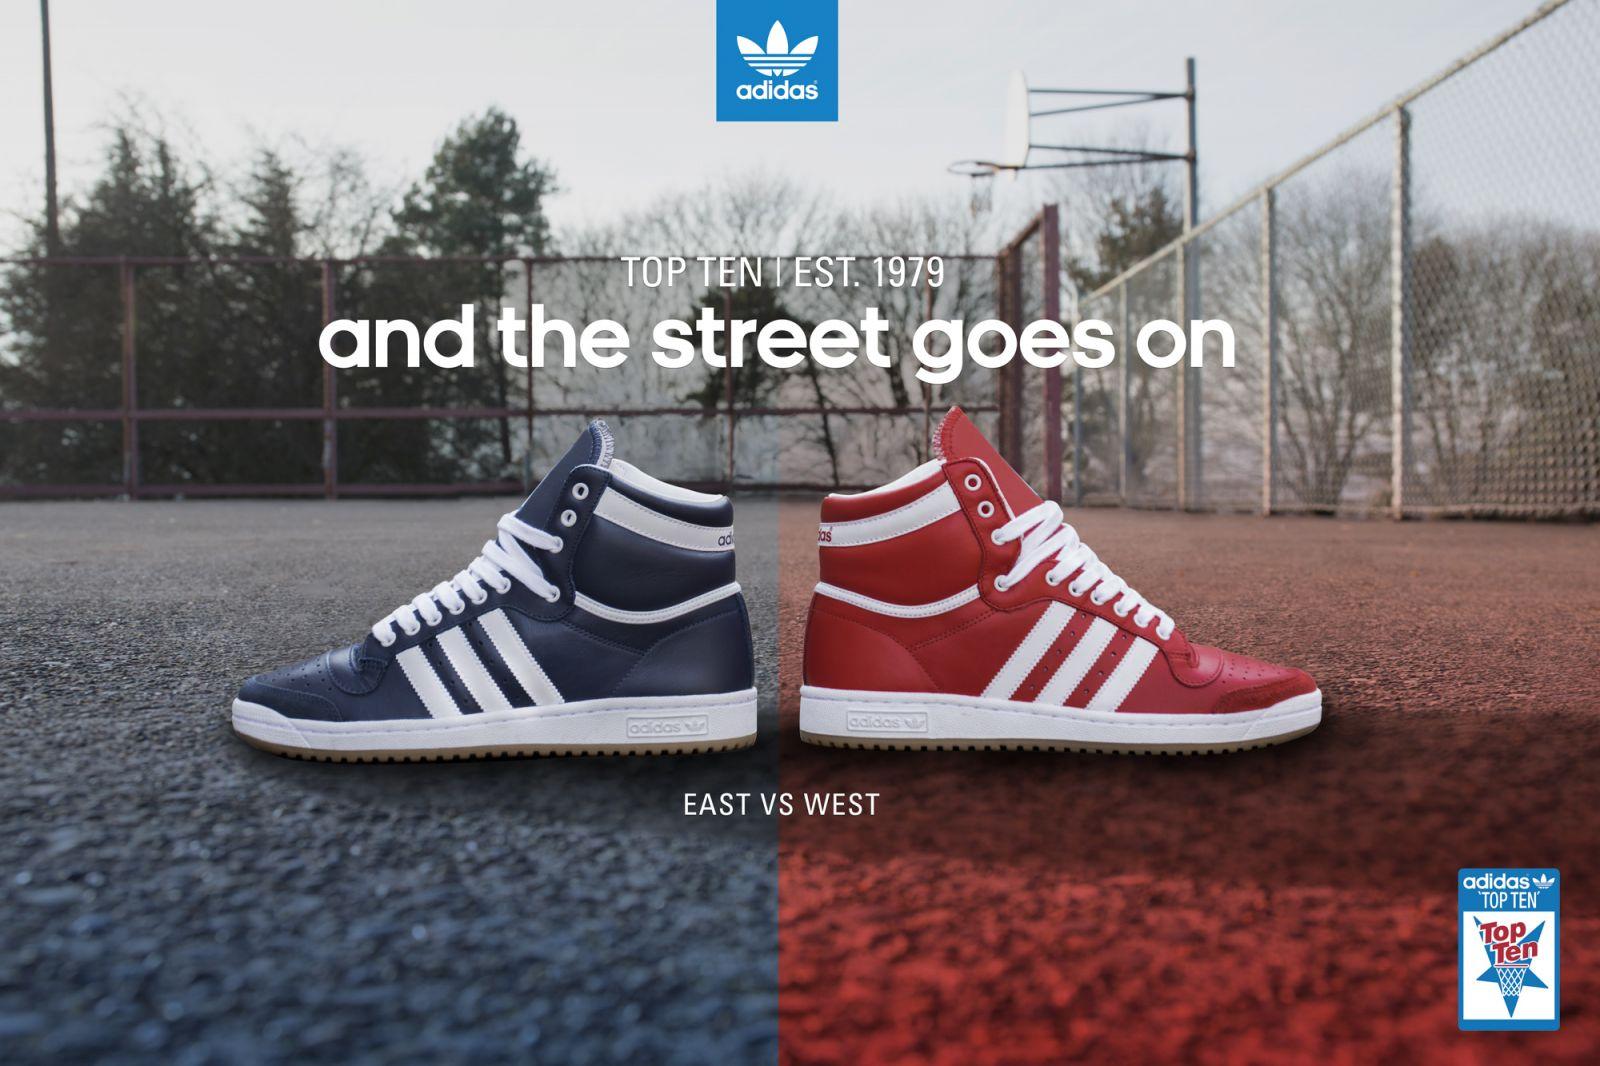 adidas original retailers